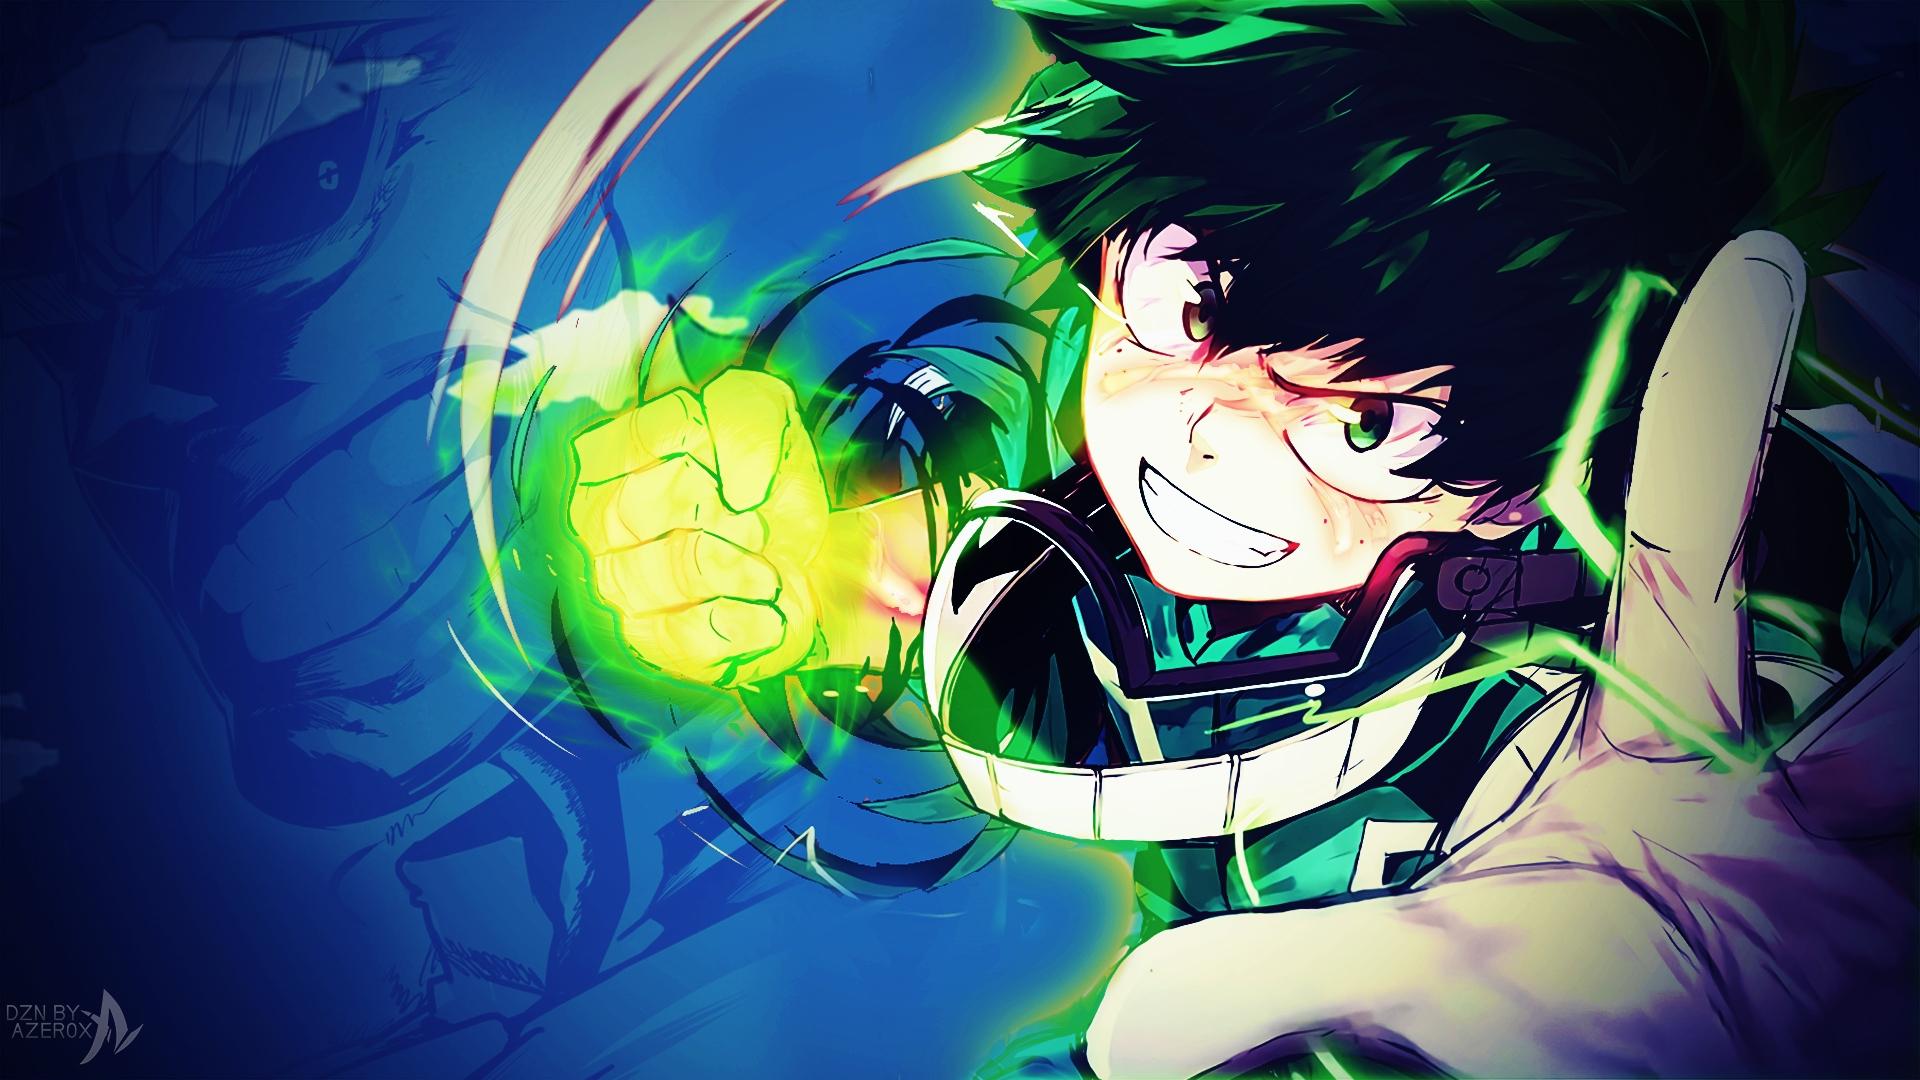 Wallpaper Izuku Midoriya, Boku no hero academia, anime boy, punch